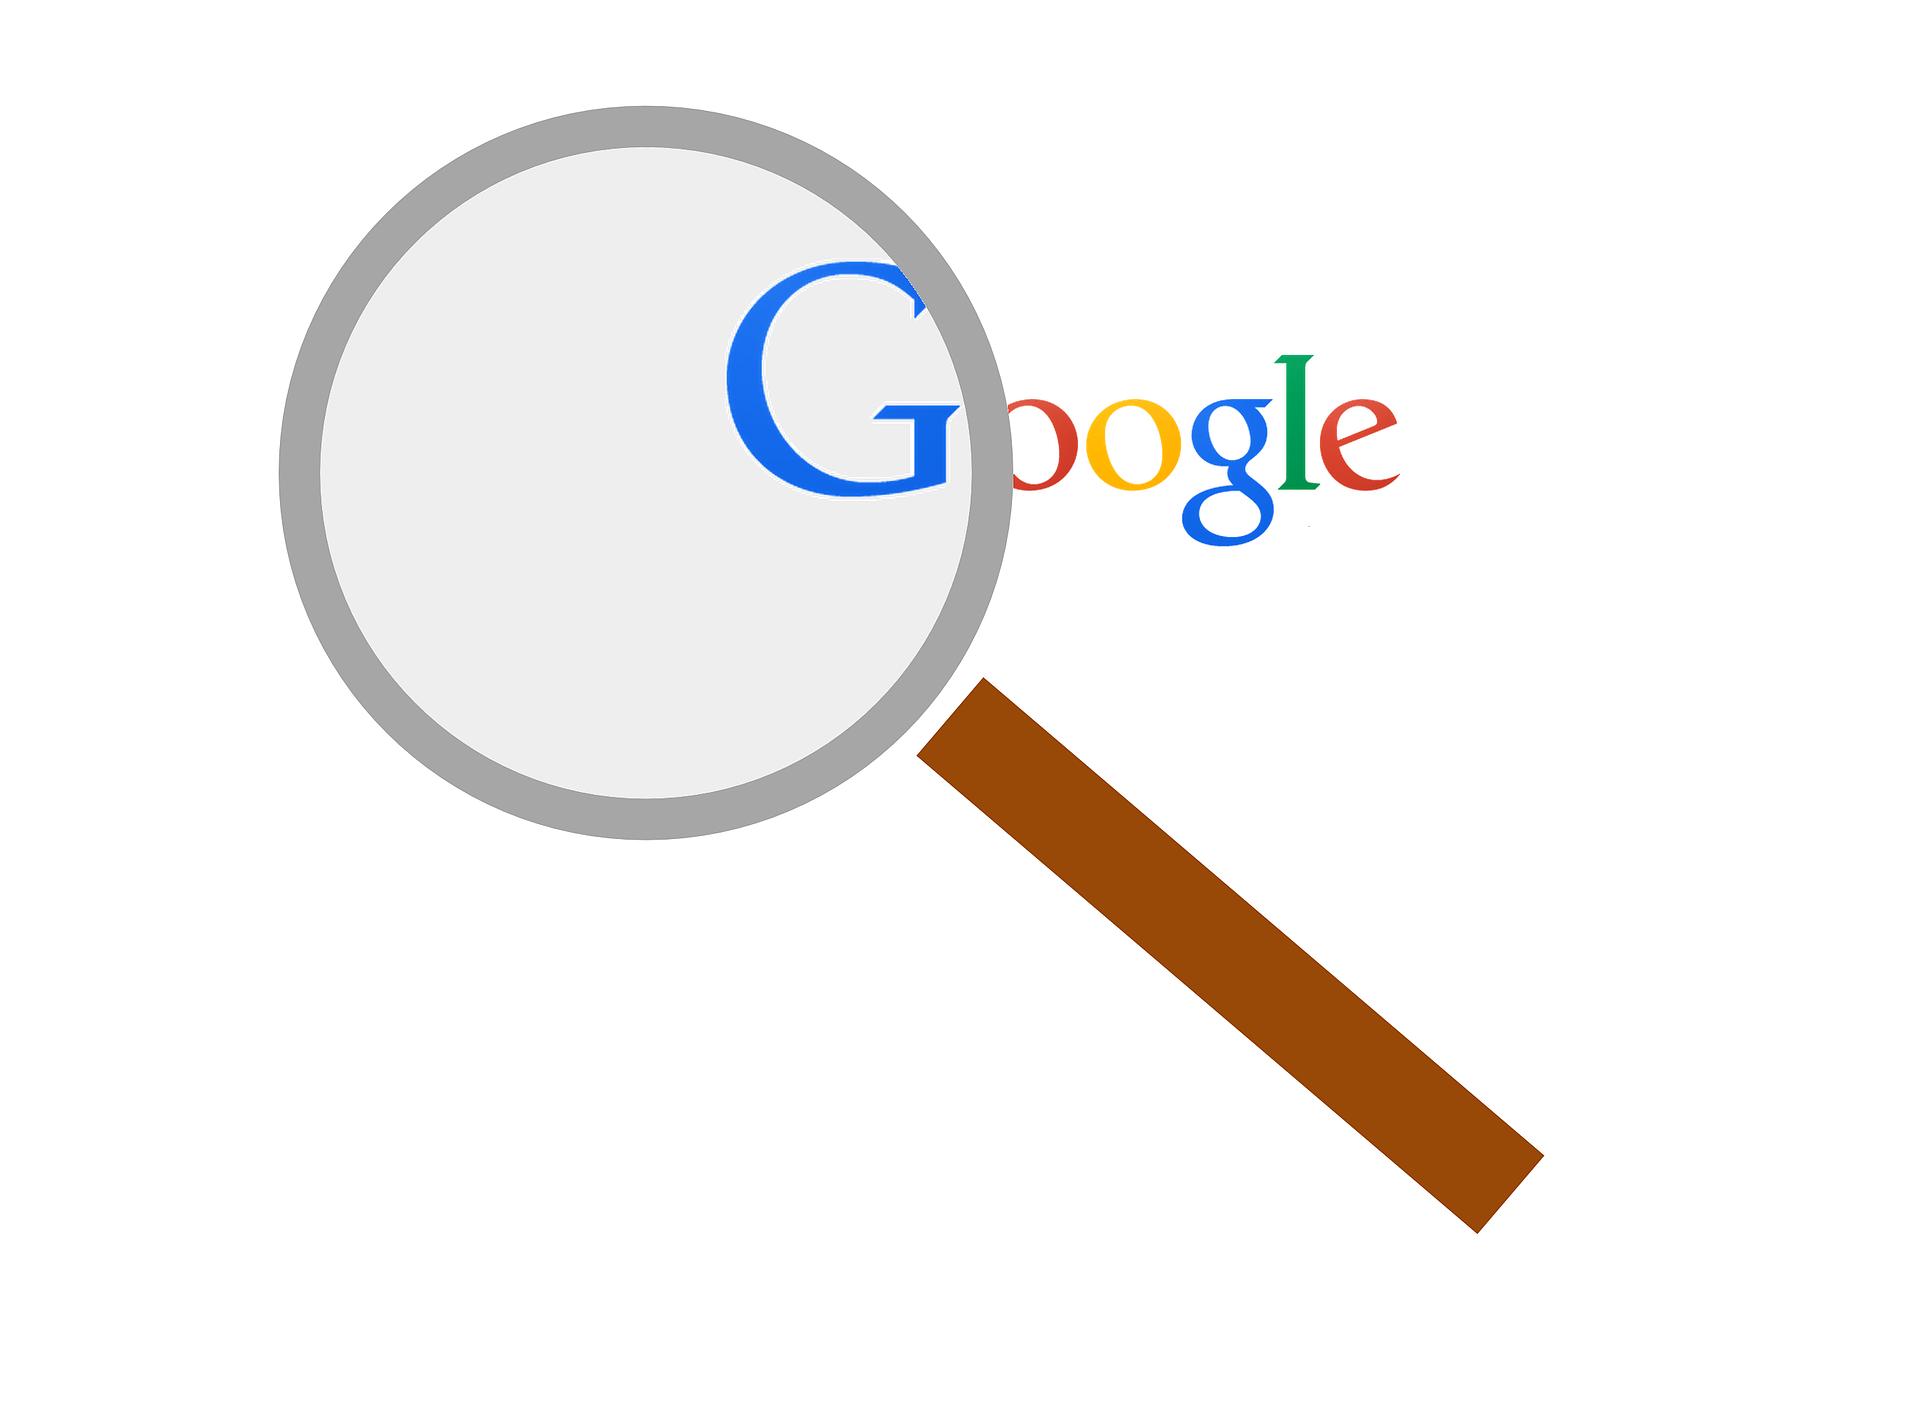 Google blijft de grootste zoekmachine